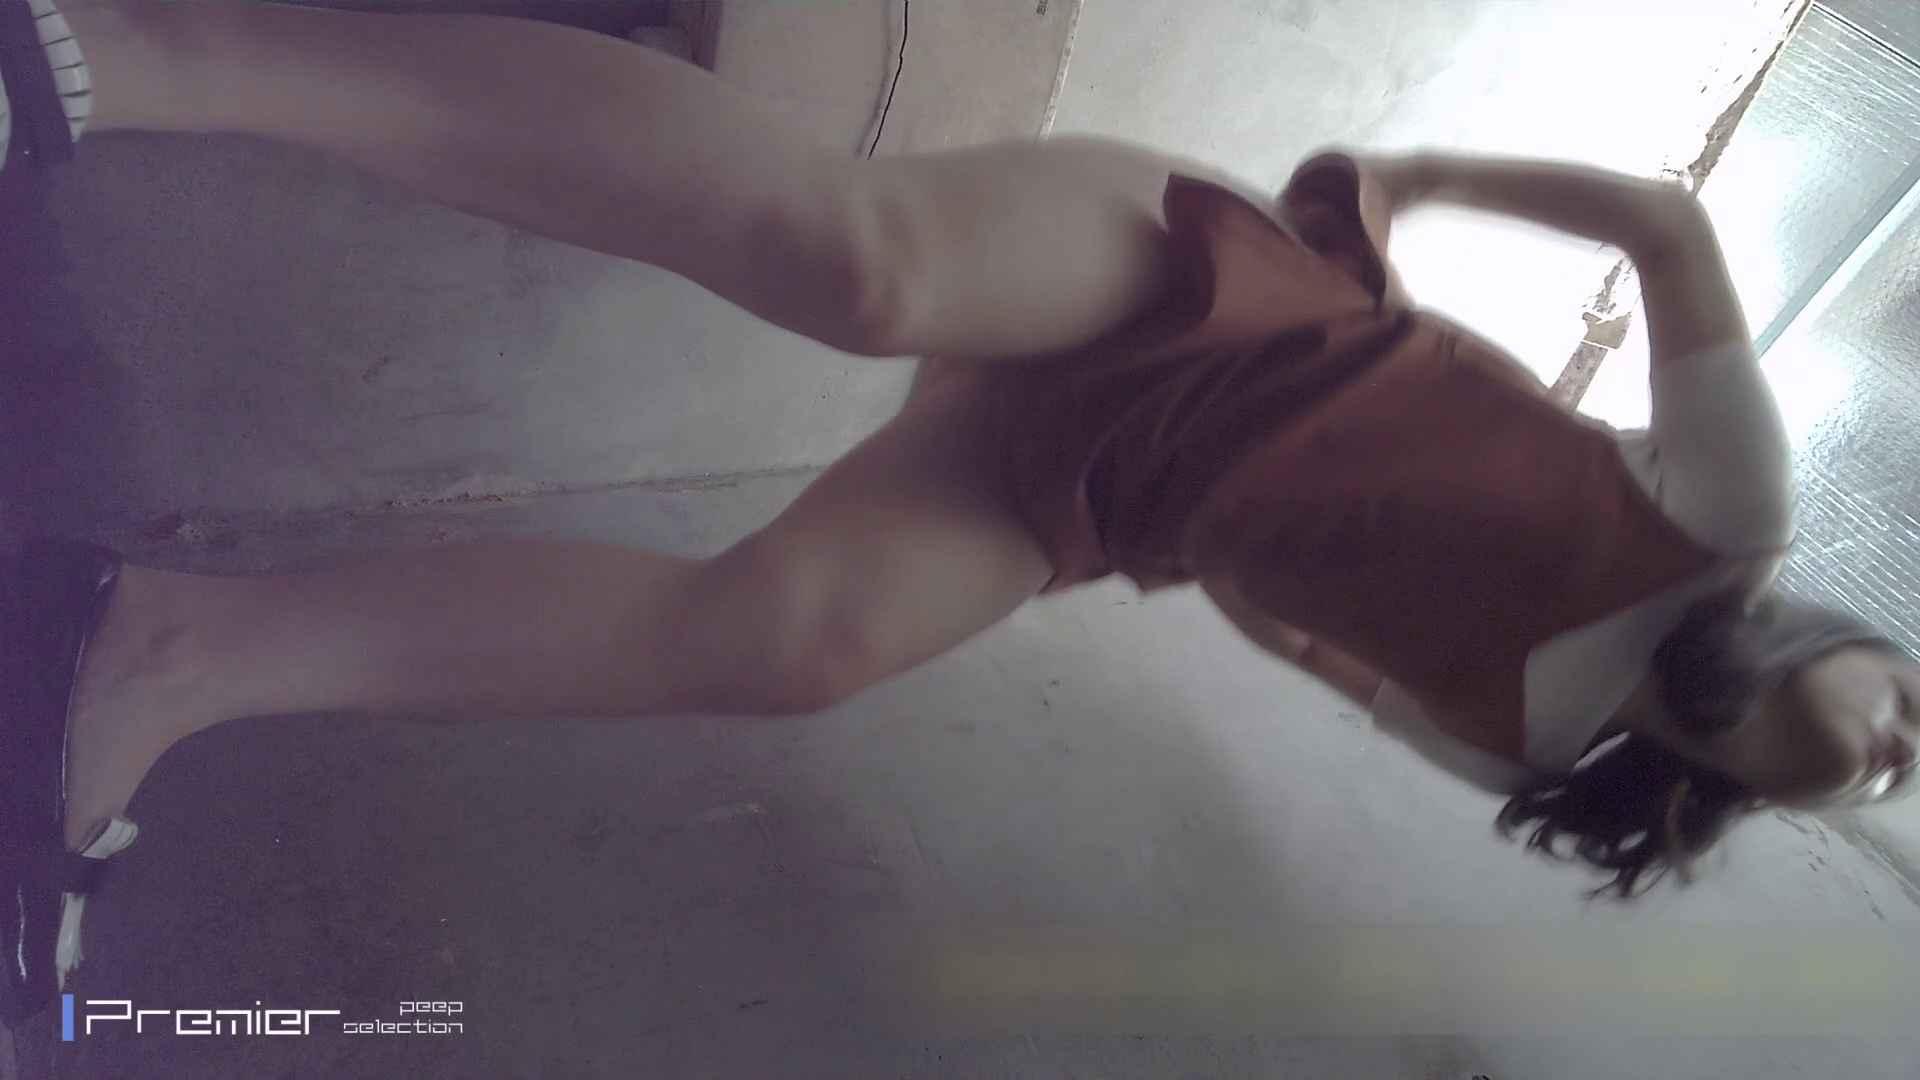 トイレシーンを密着盗撮!! 美女の痴態に密着!Vol.22 エッチすぎる美女 オメコ動画キャプチャ 103連発 44